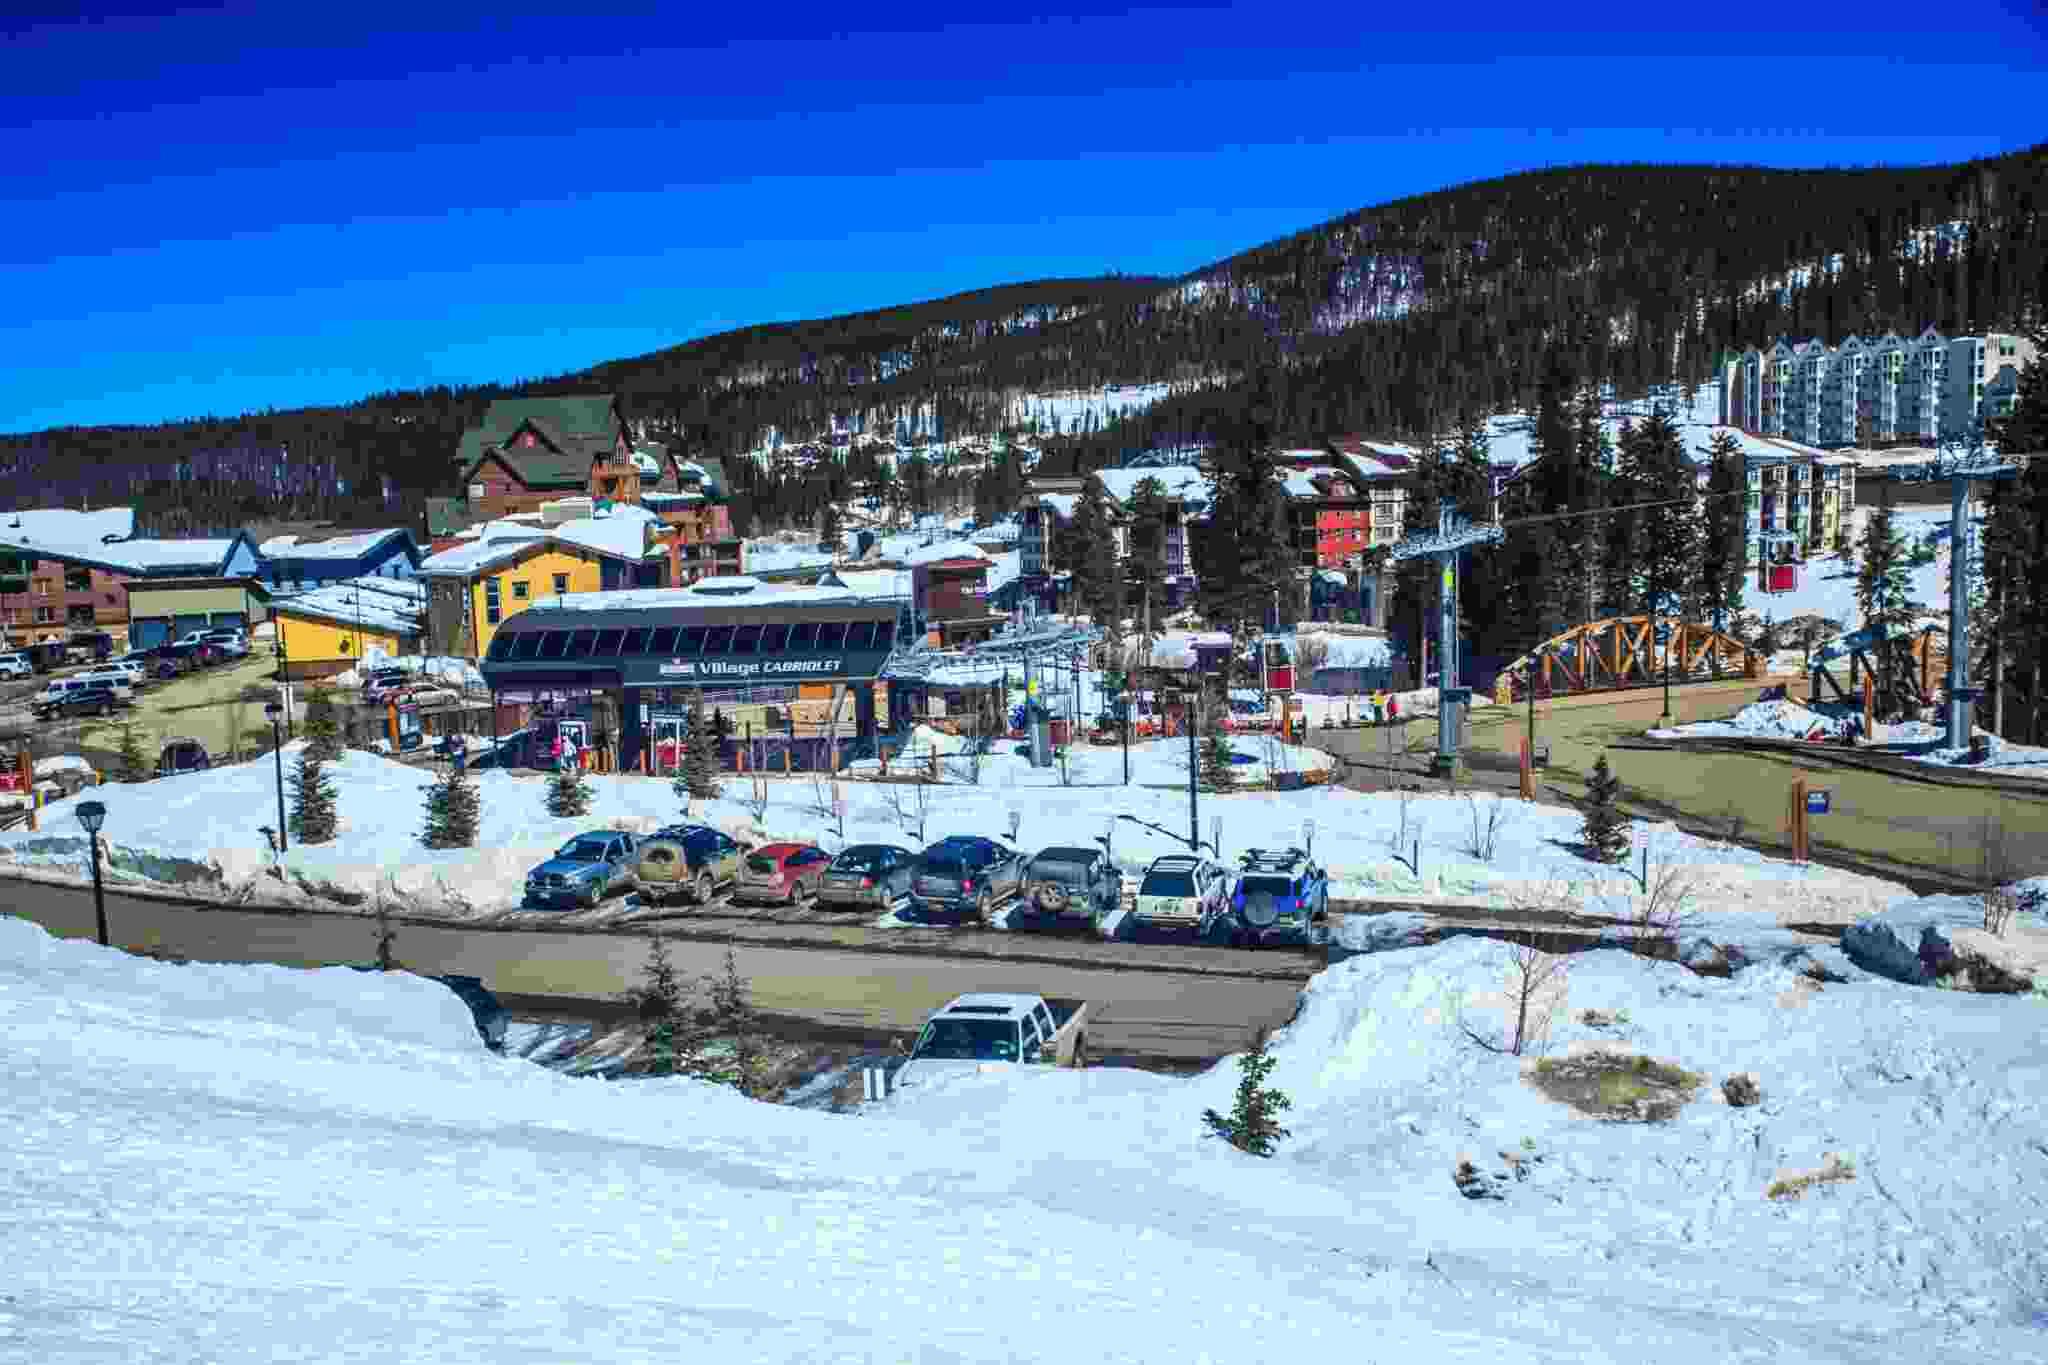 WINTER PARK Ski ing RESORT